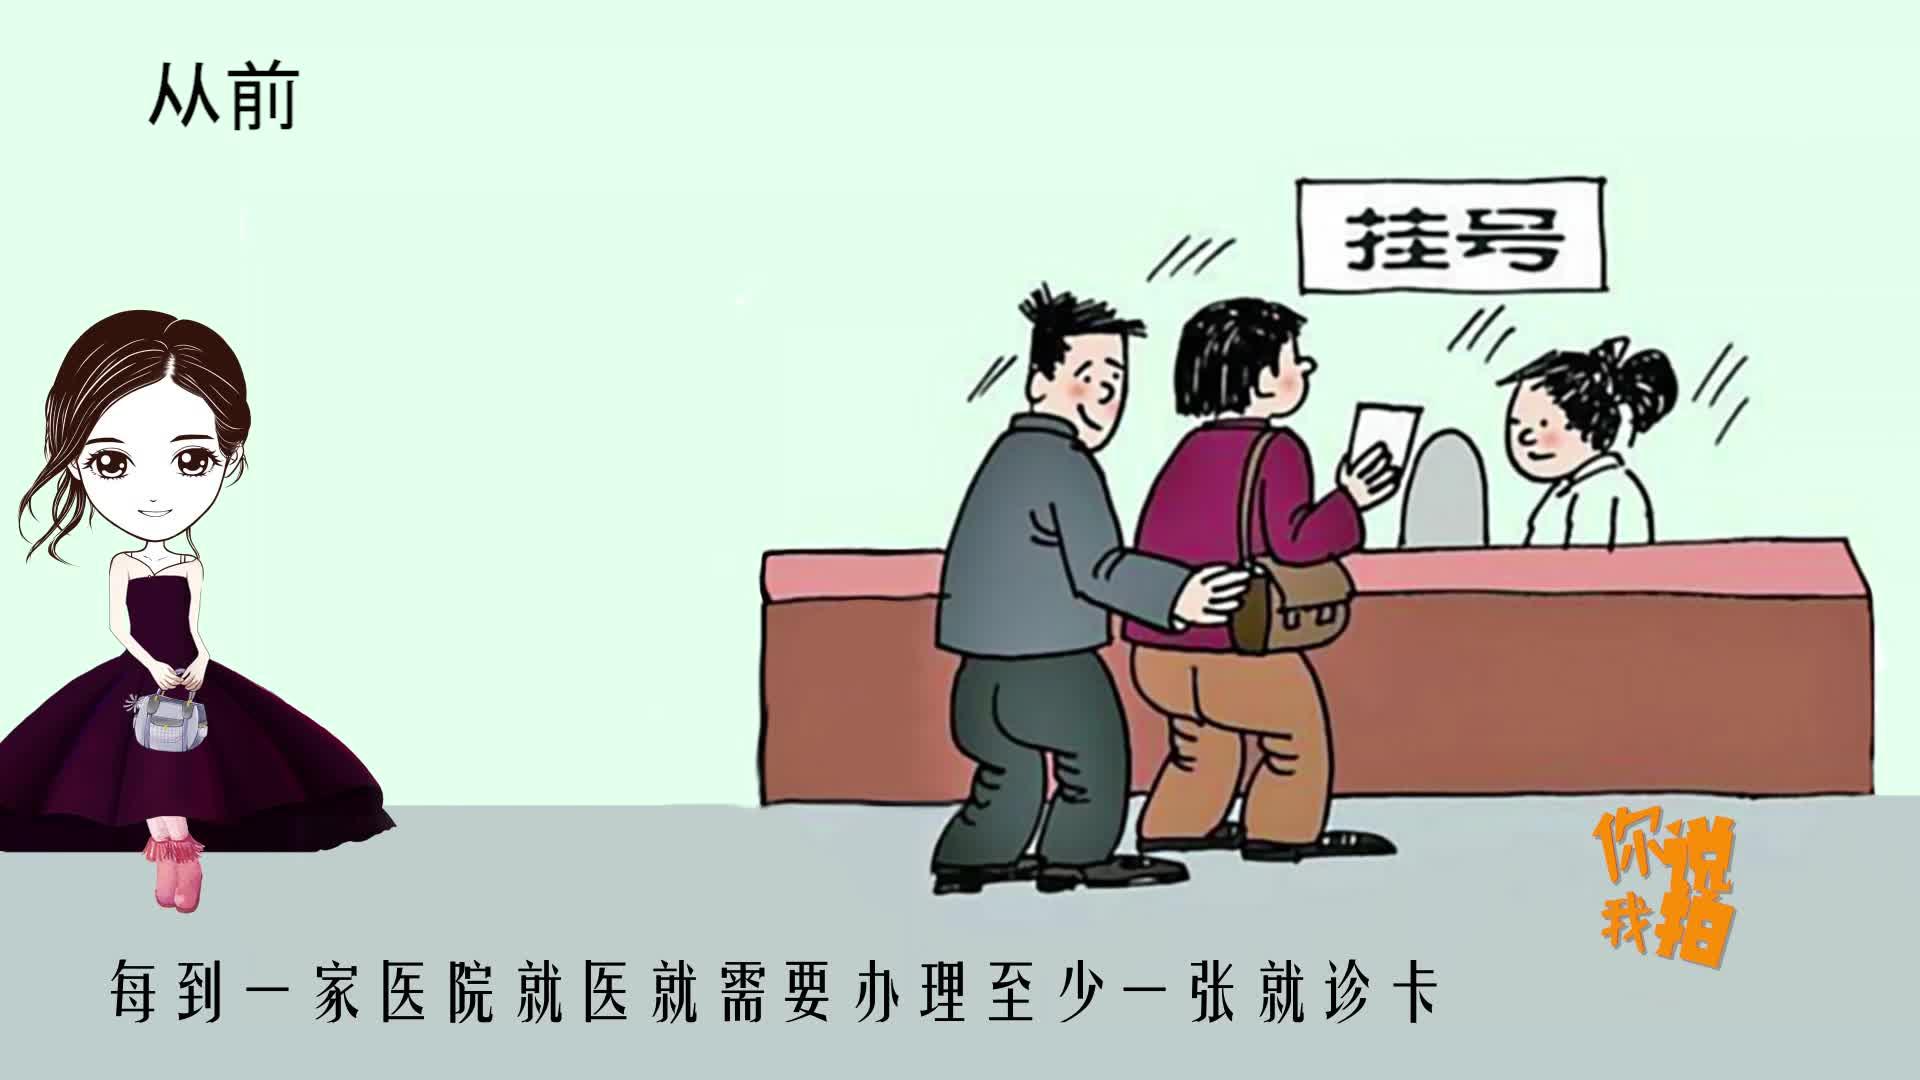 來了!在駐馬店刷身份證、社保卡就醫真的來了!